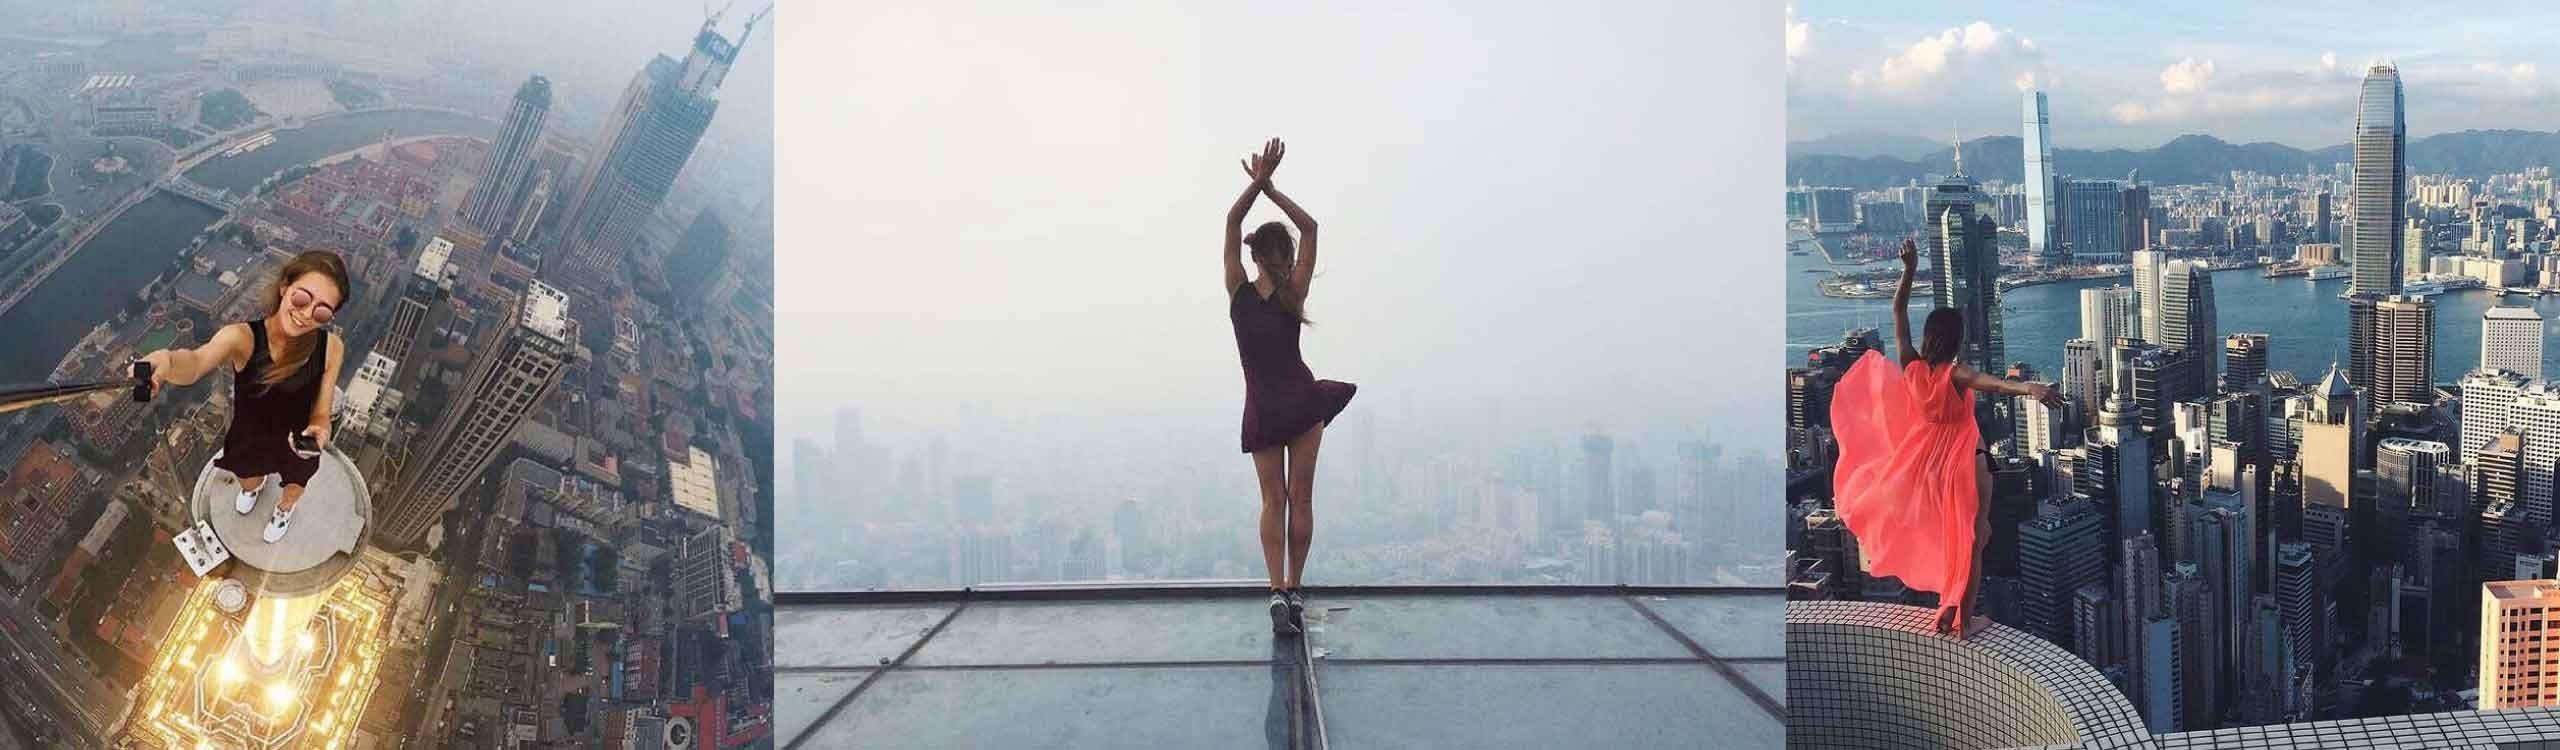 angela nikolau, la mujer que se fotografía en las alturas